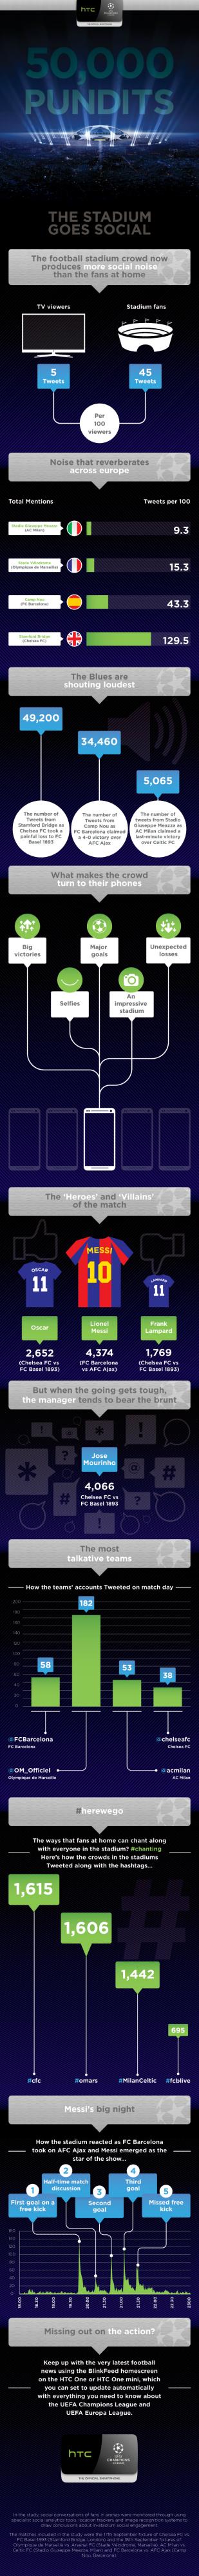 engagement-estadios-social-media-htc-infografía